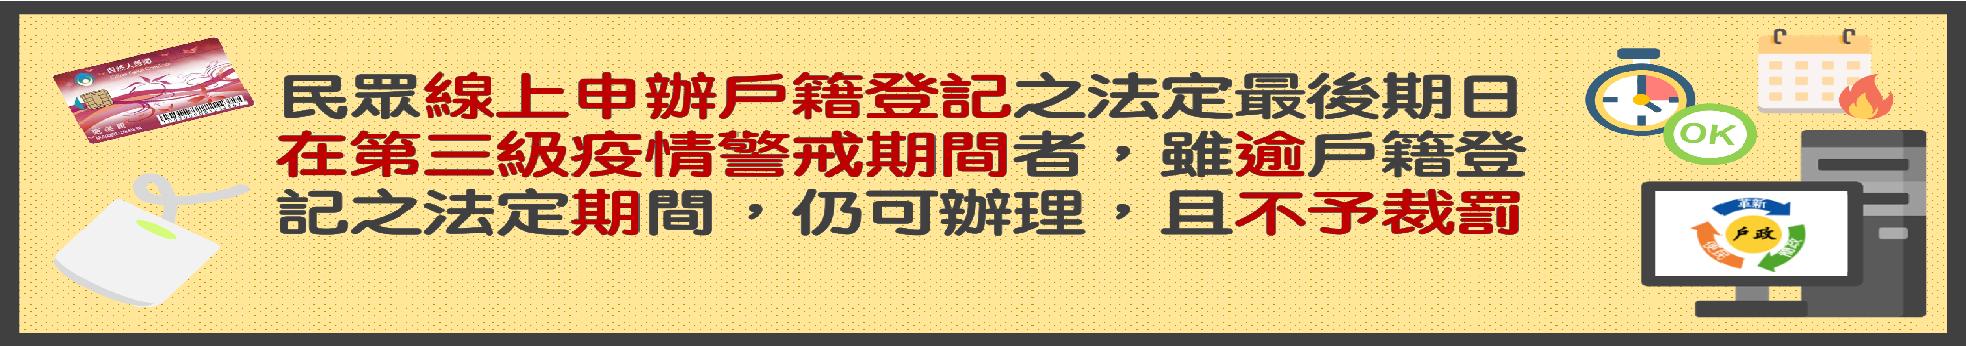 【線上申辦戶籍登記之法定最後期日,在第三級疫情警戒期間者,雖逾戶籍登記之法定期間,仍可辦理,不予裁罰。